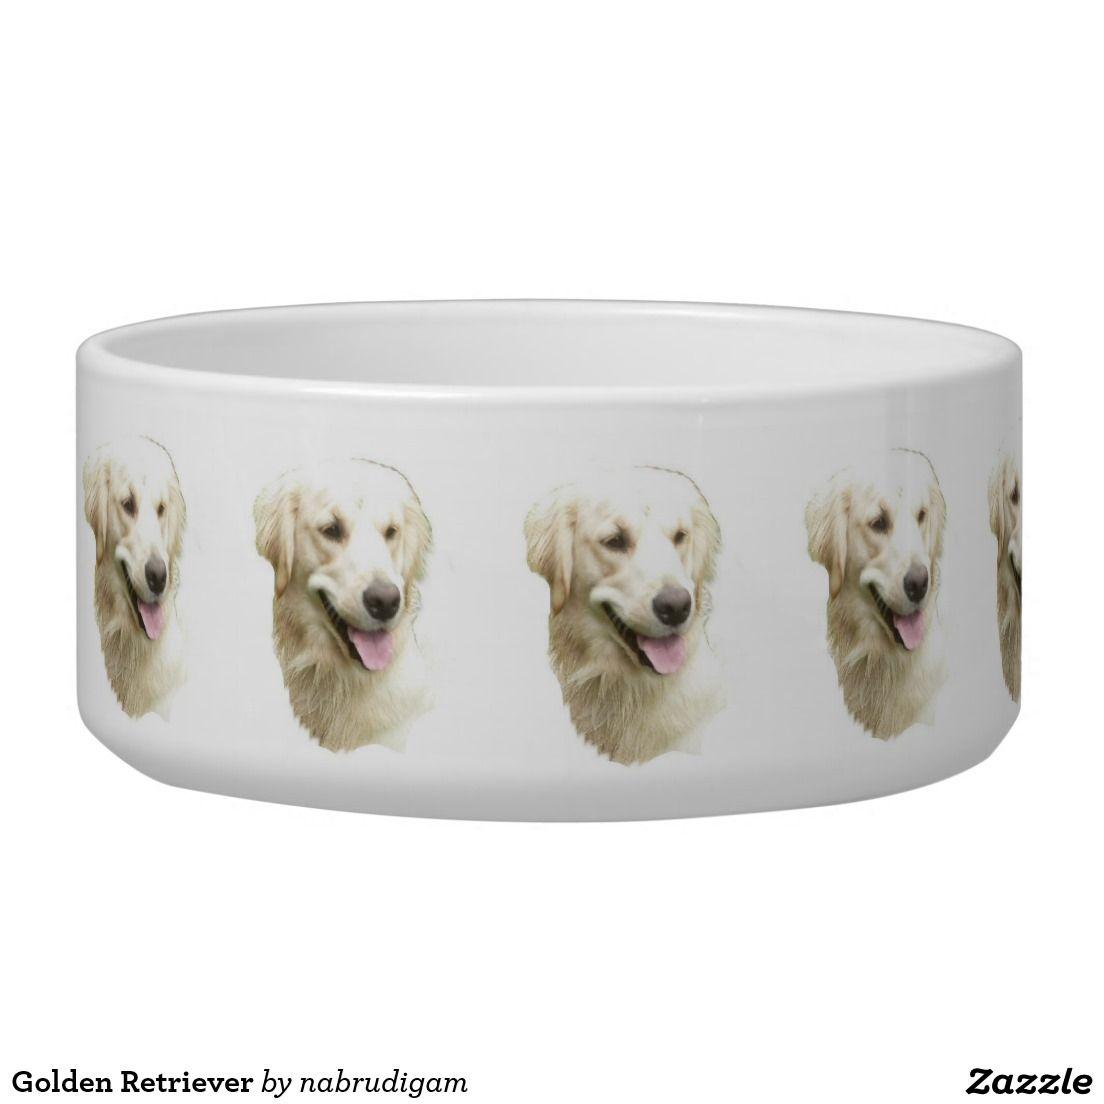 Golden retriever bowl pet bowls pets dog